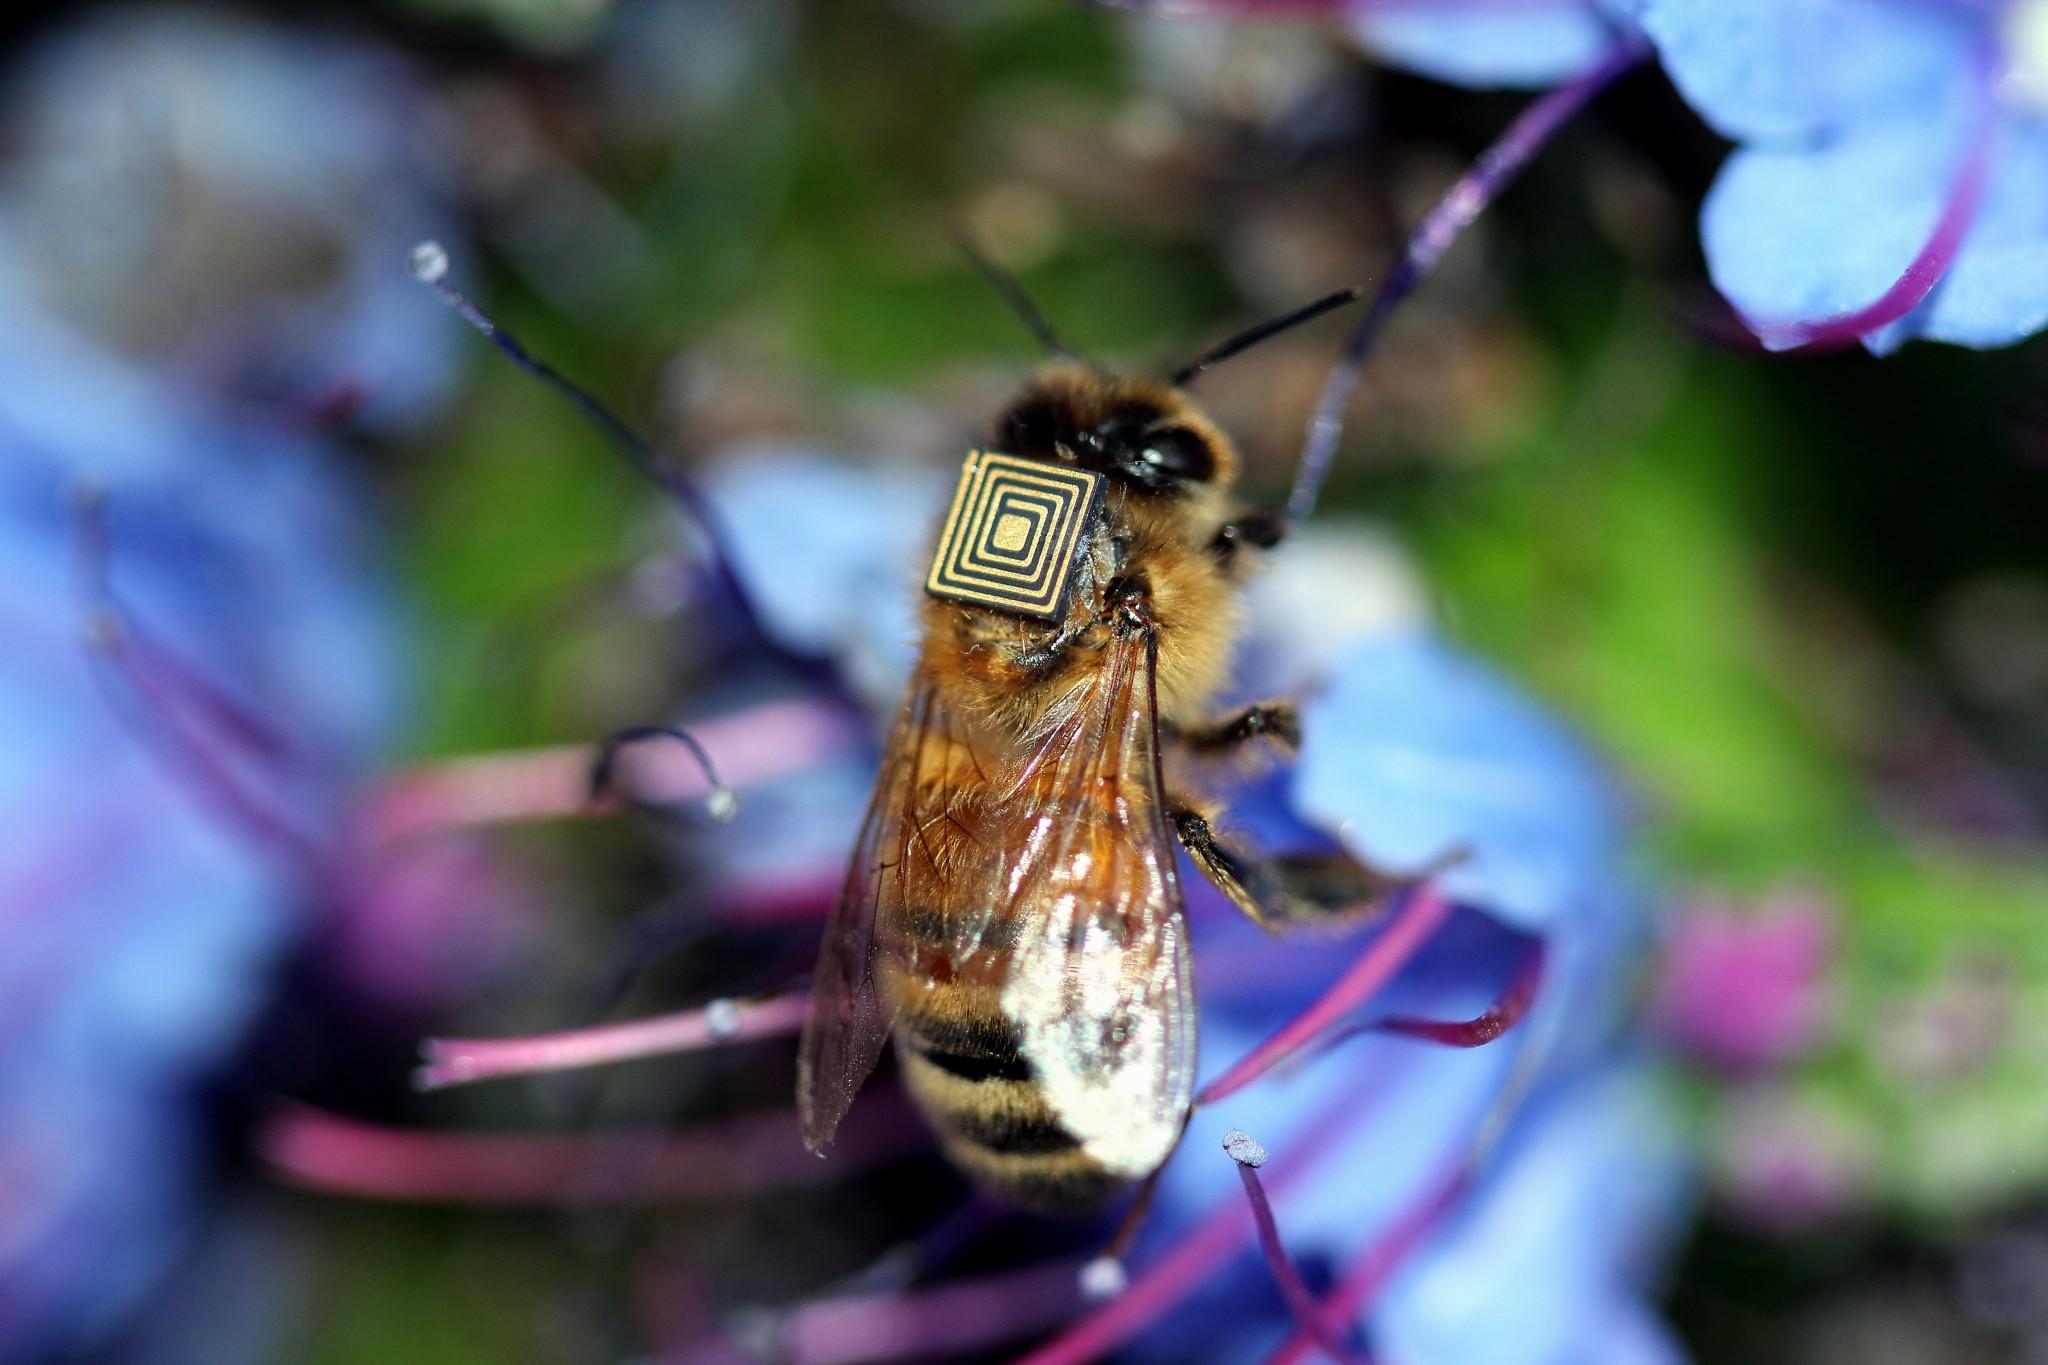 Microsensores para estudiar el comportamiento de las abejas